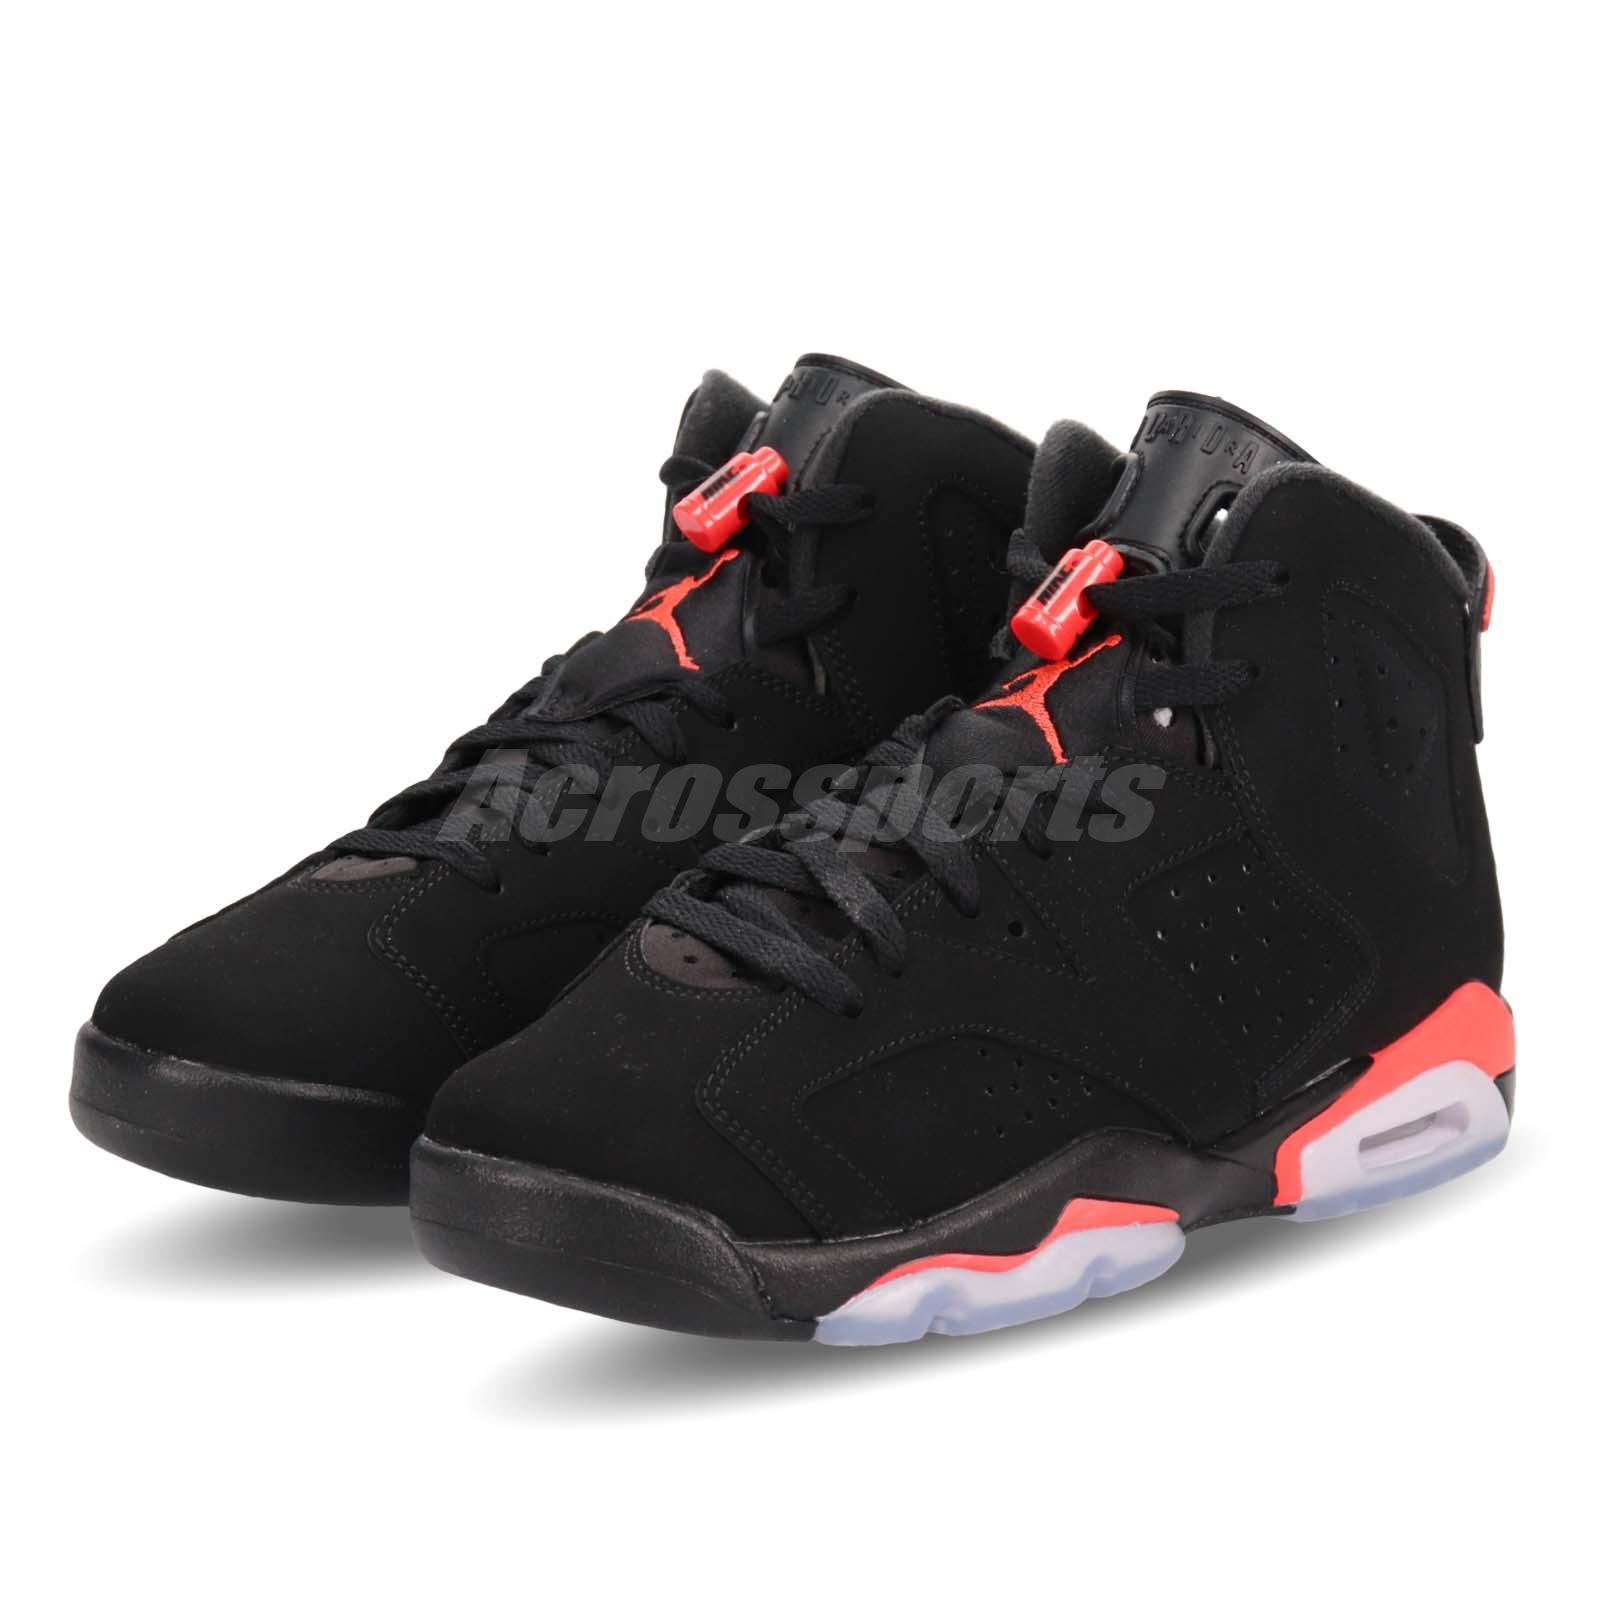 6217549c6c88e Details about Nike Air Jordan 6 Retro BG Infrared Black 6s OG 2019 Release  Preorder 384665-060